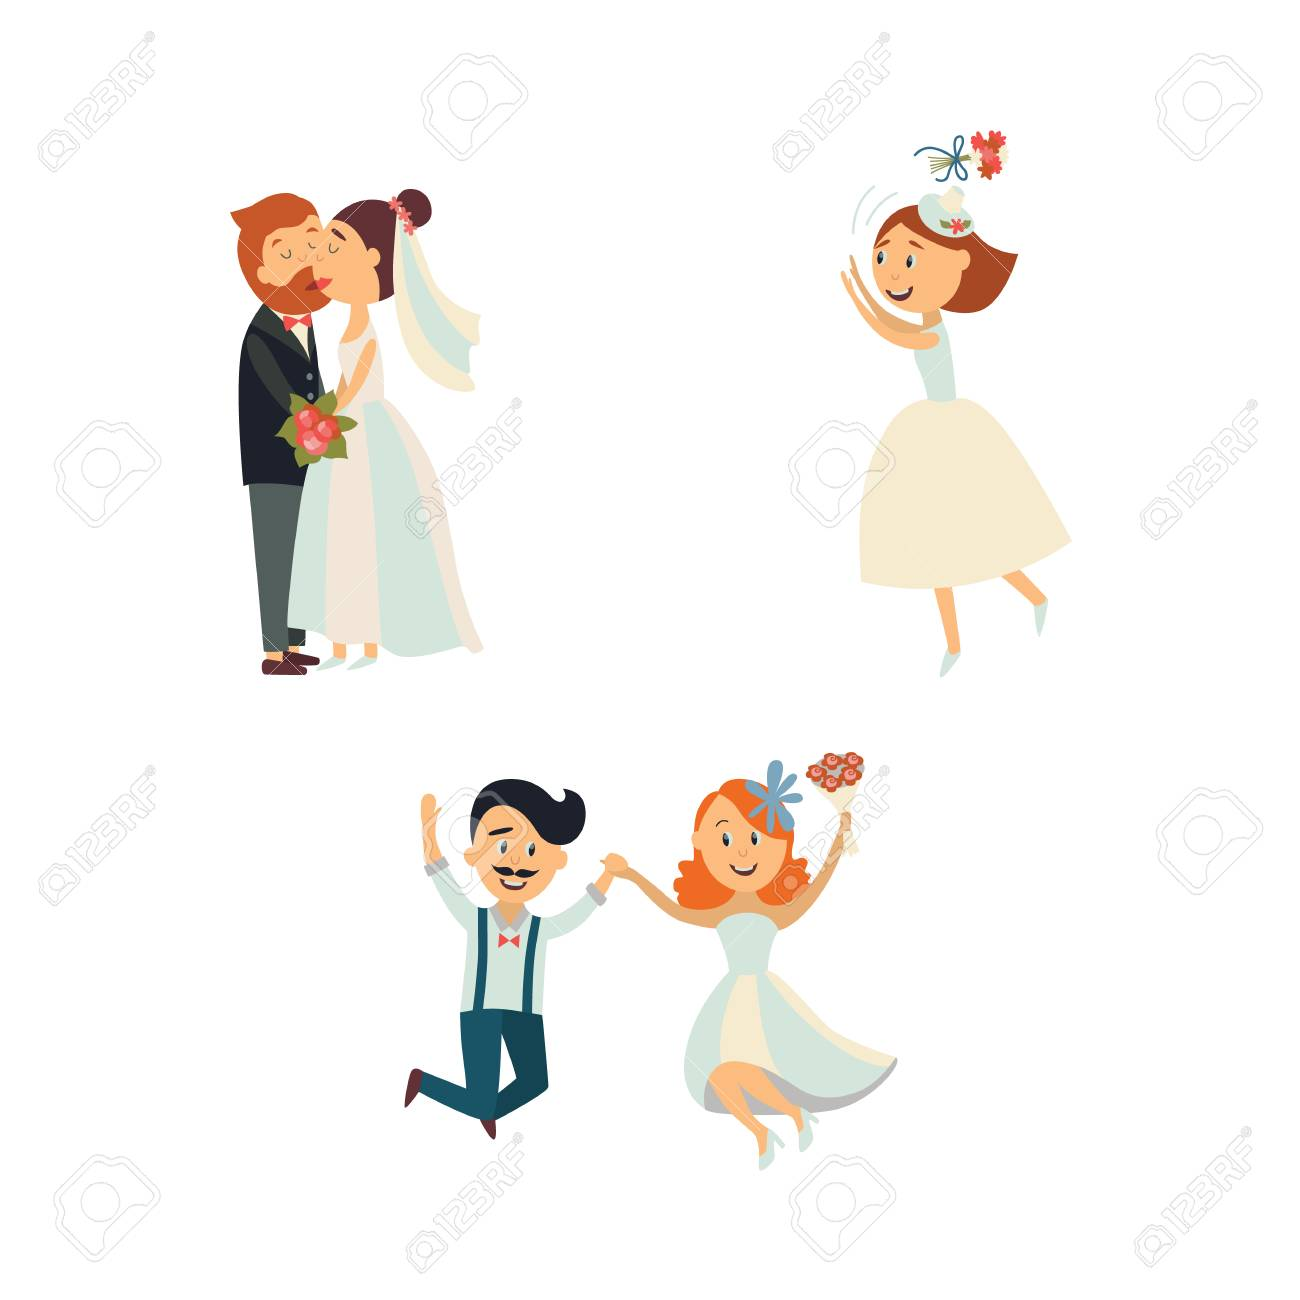 Couple De Mariage Drole Embrasser Et Sauter Mariee Jetant Des Fleurs Illustration De Vecteur De Dessin Anime Plat Isole Sur Fond Blanc Comicbwedding Couple Drole Etreindre Et Embrasser Lancer Des Fleurs Clip